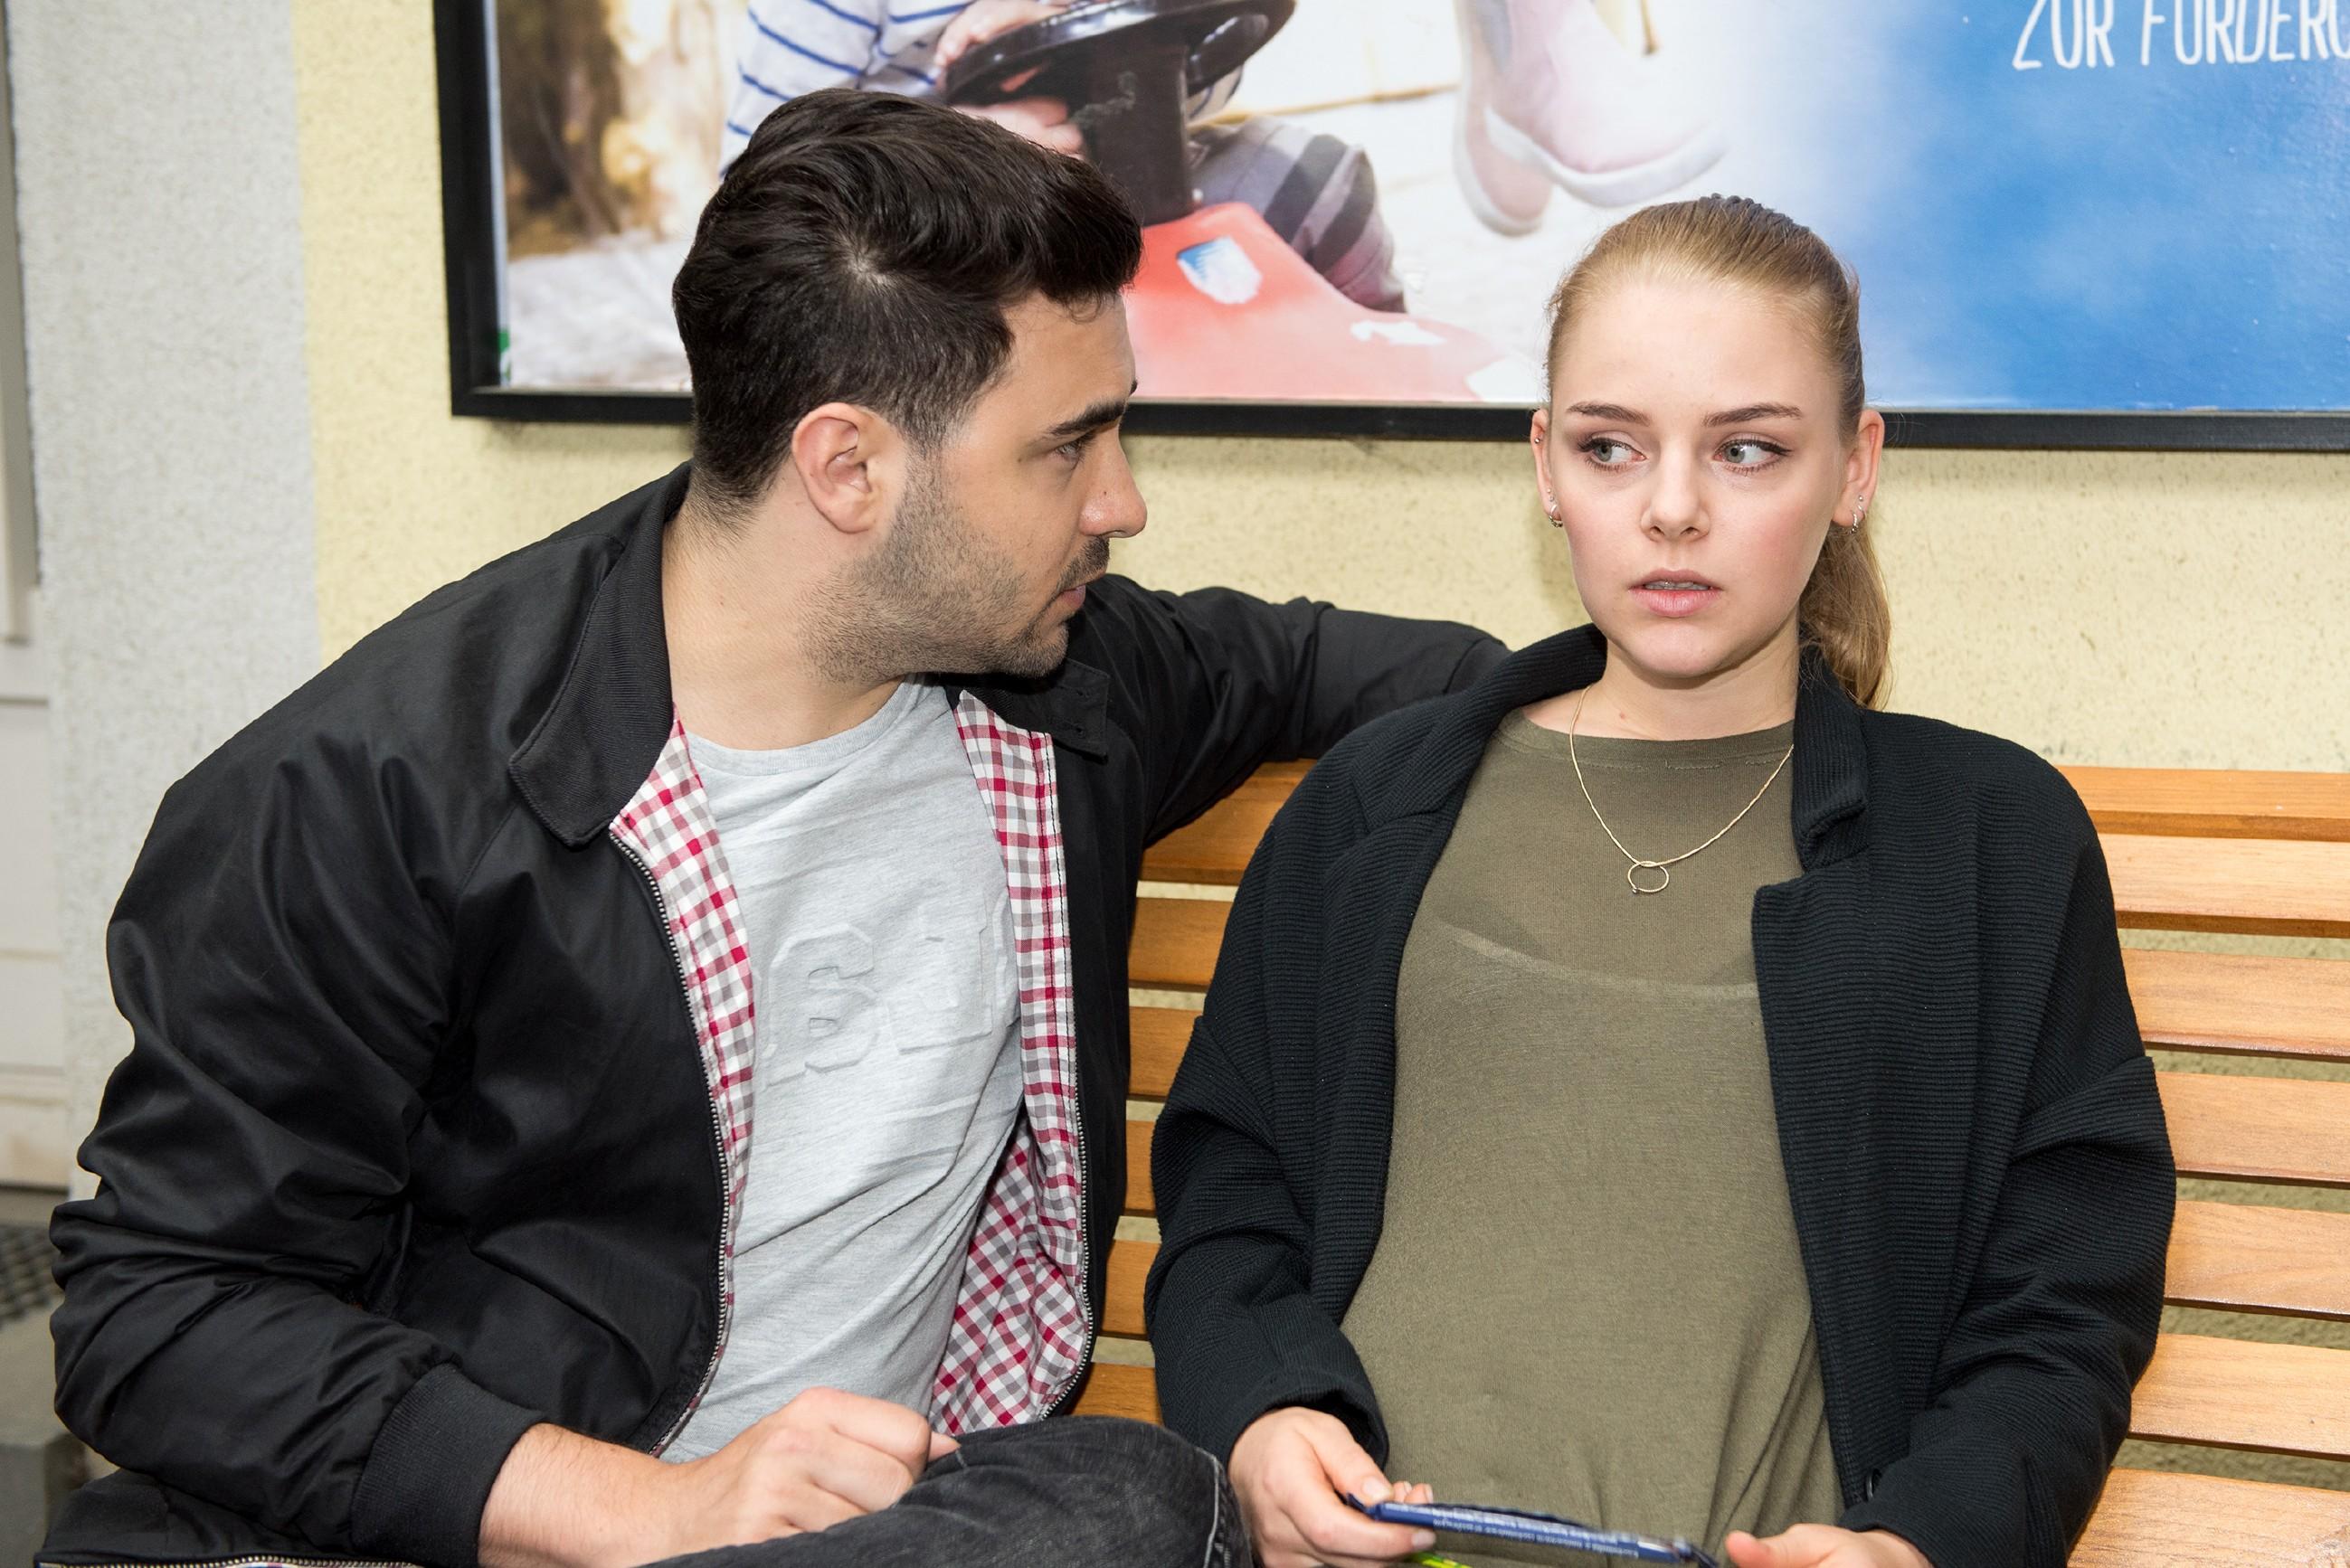 Wird Fiona (Olivia Burkhart) es schaffen, Easy (Lars Steinhöfel) ins Vertrauen zu ziehen?